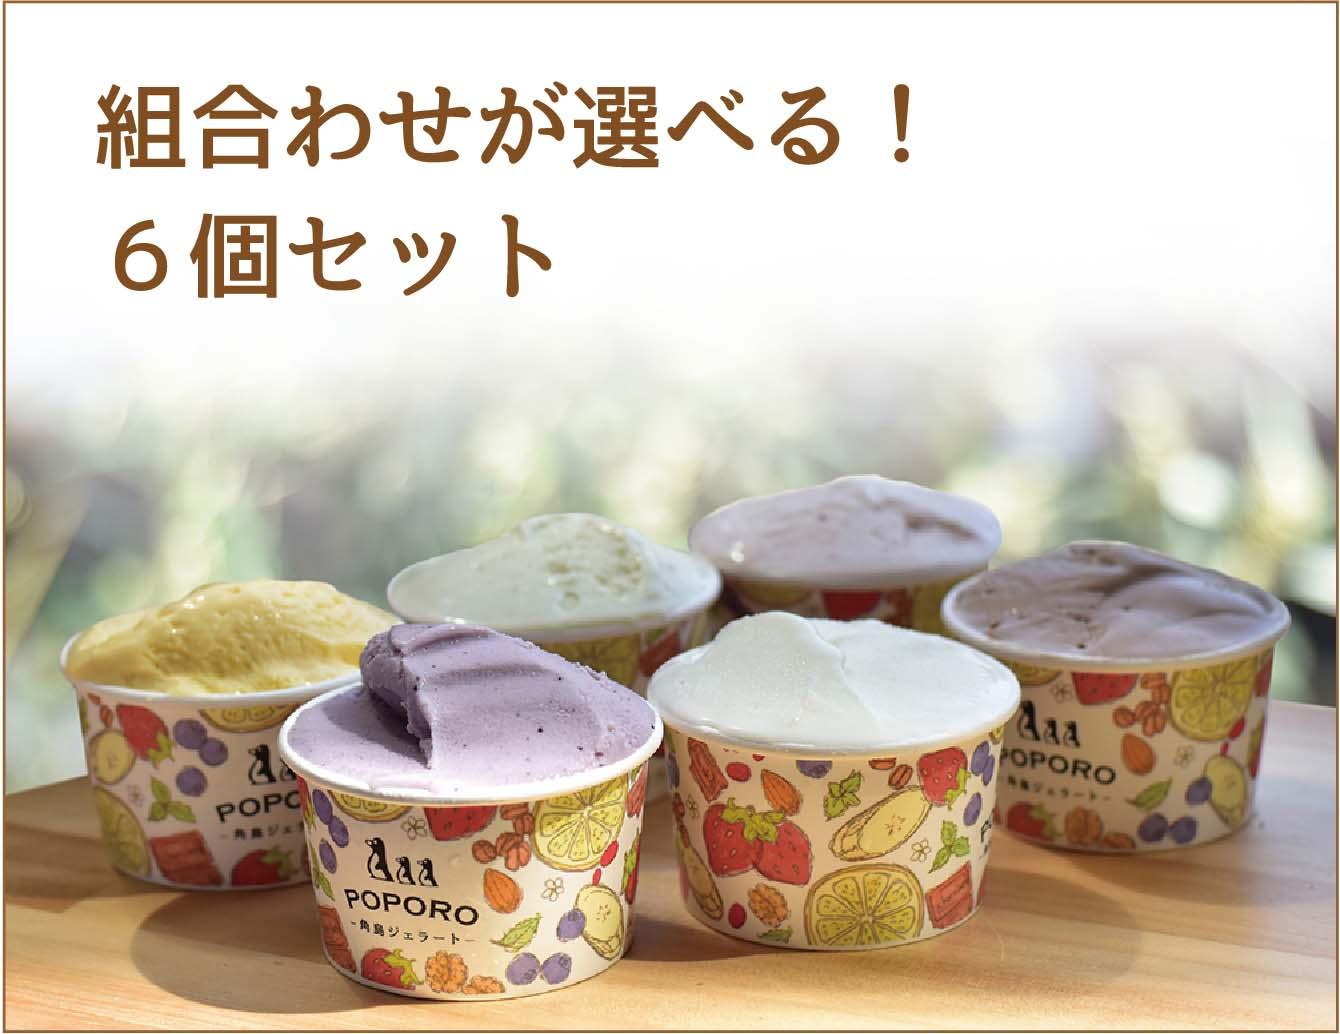 【6月】選べる!ジェラートセット(6個入)画像